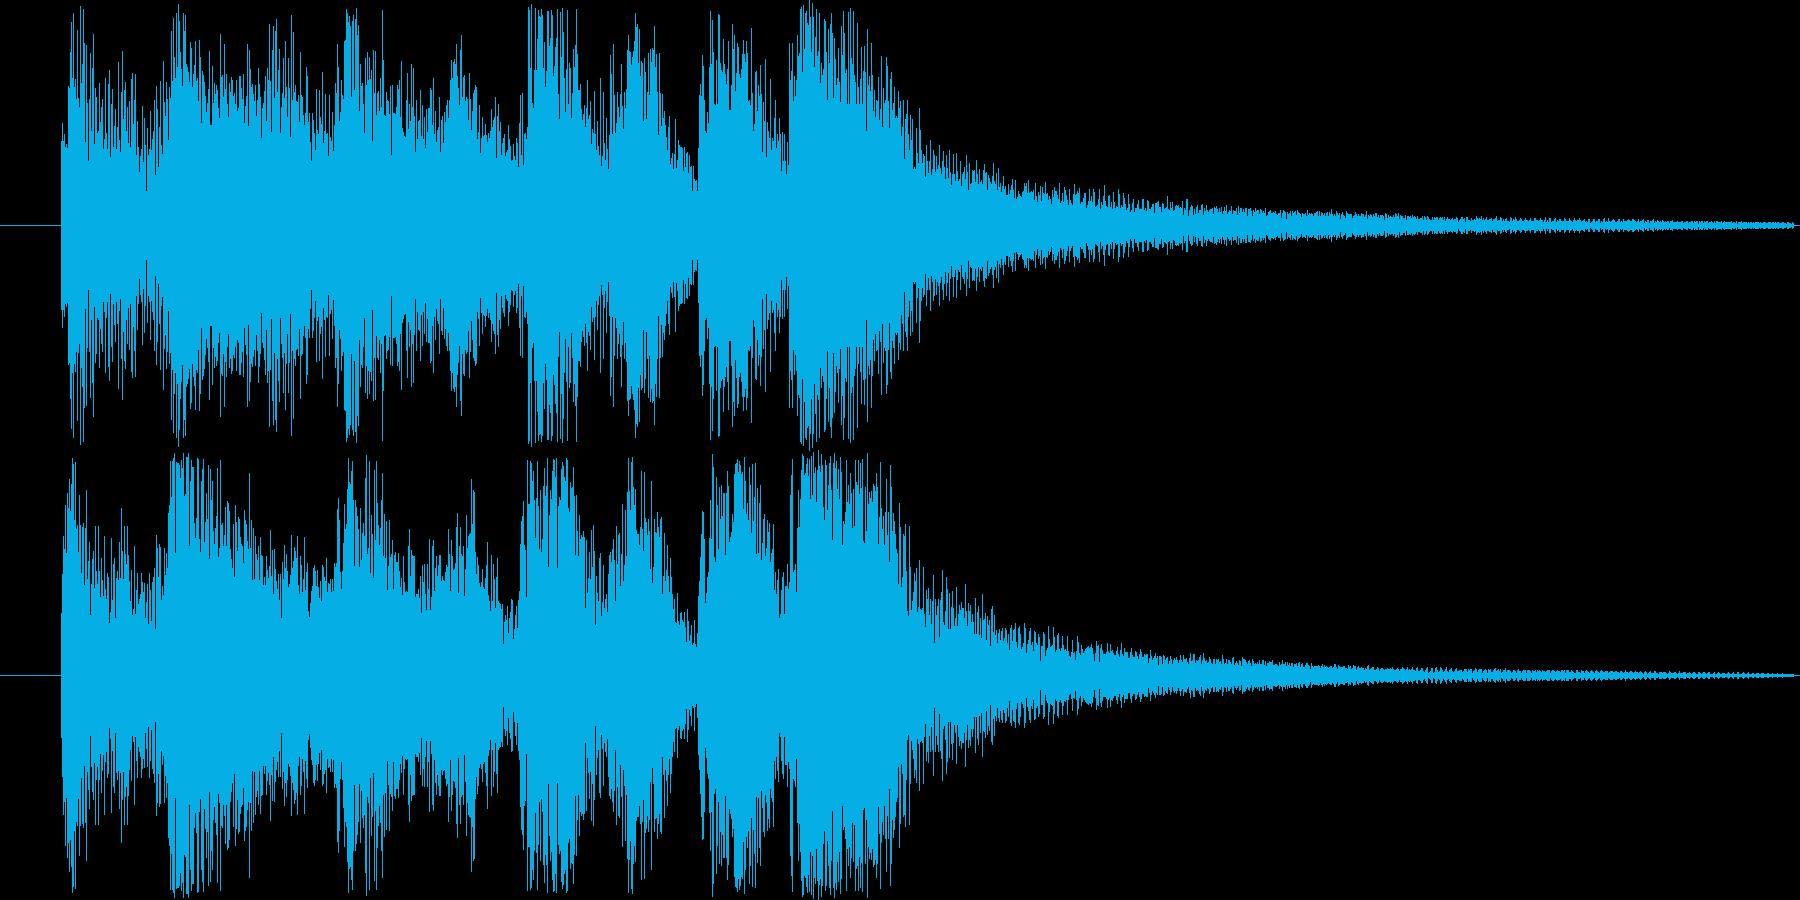 レベルアップやクリア時の効果音・SEの再生済みの波形